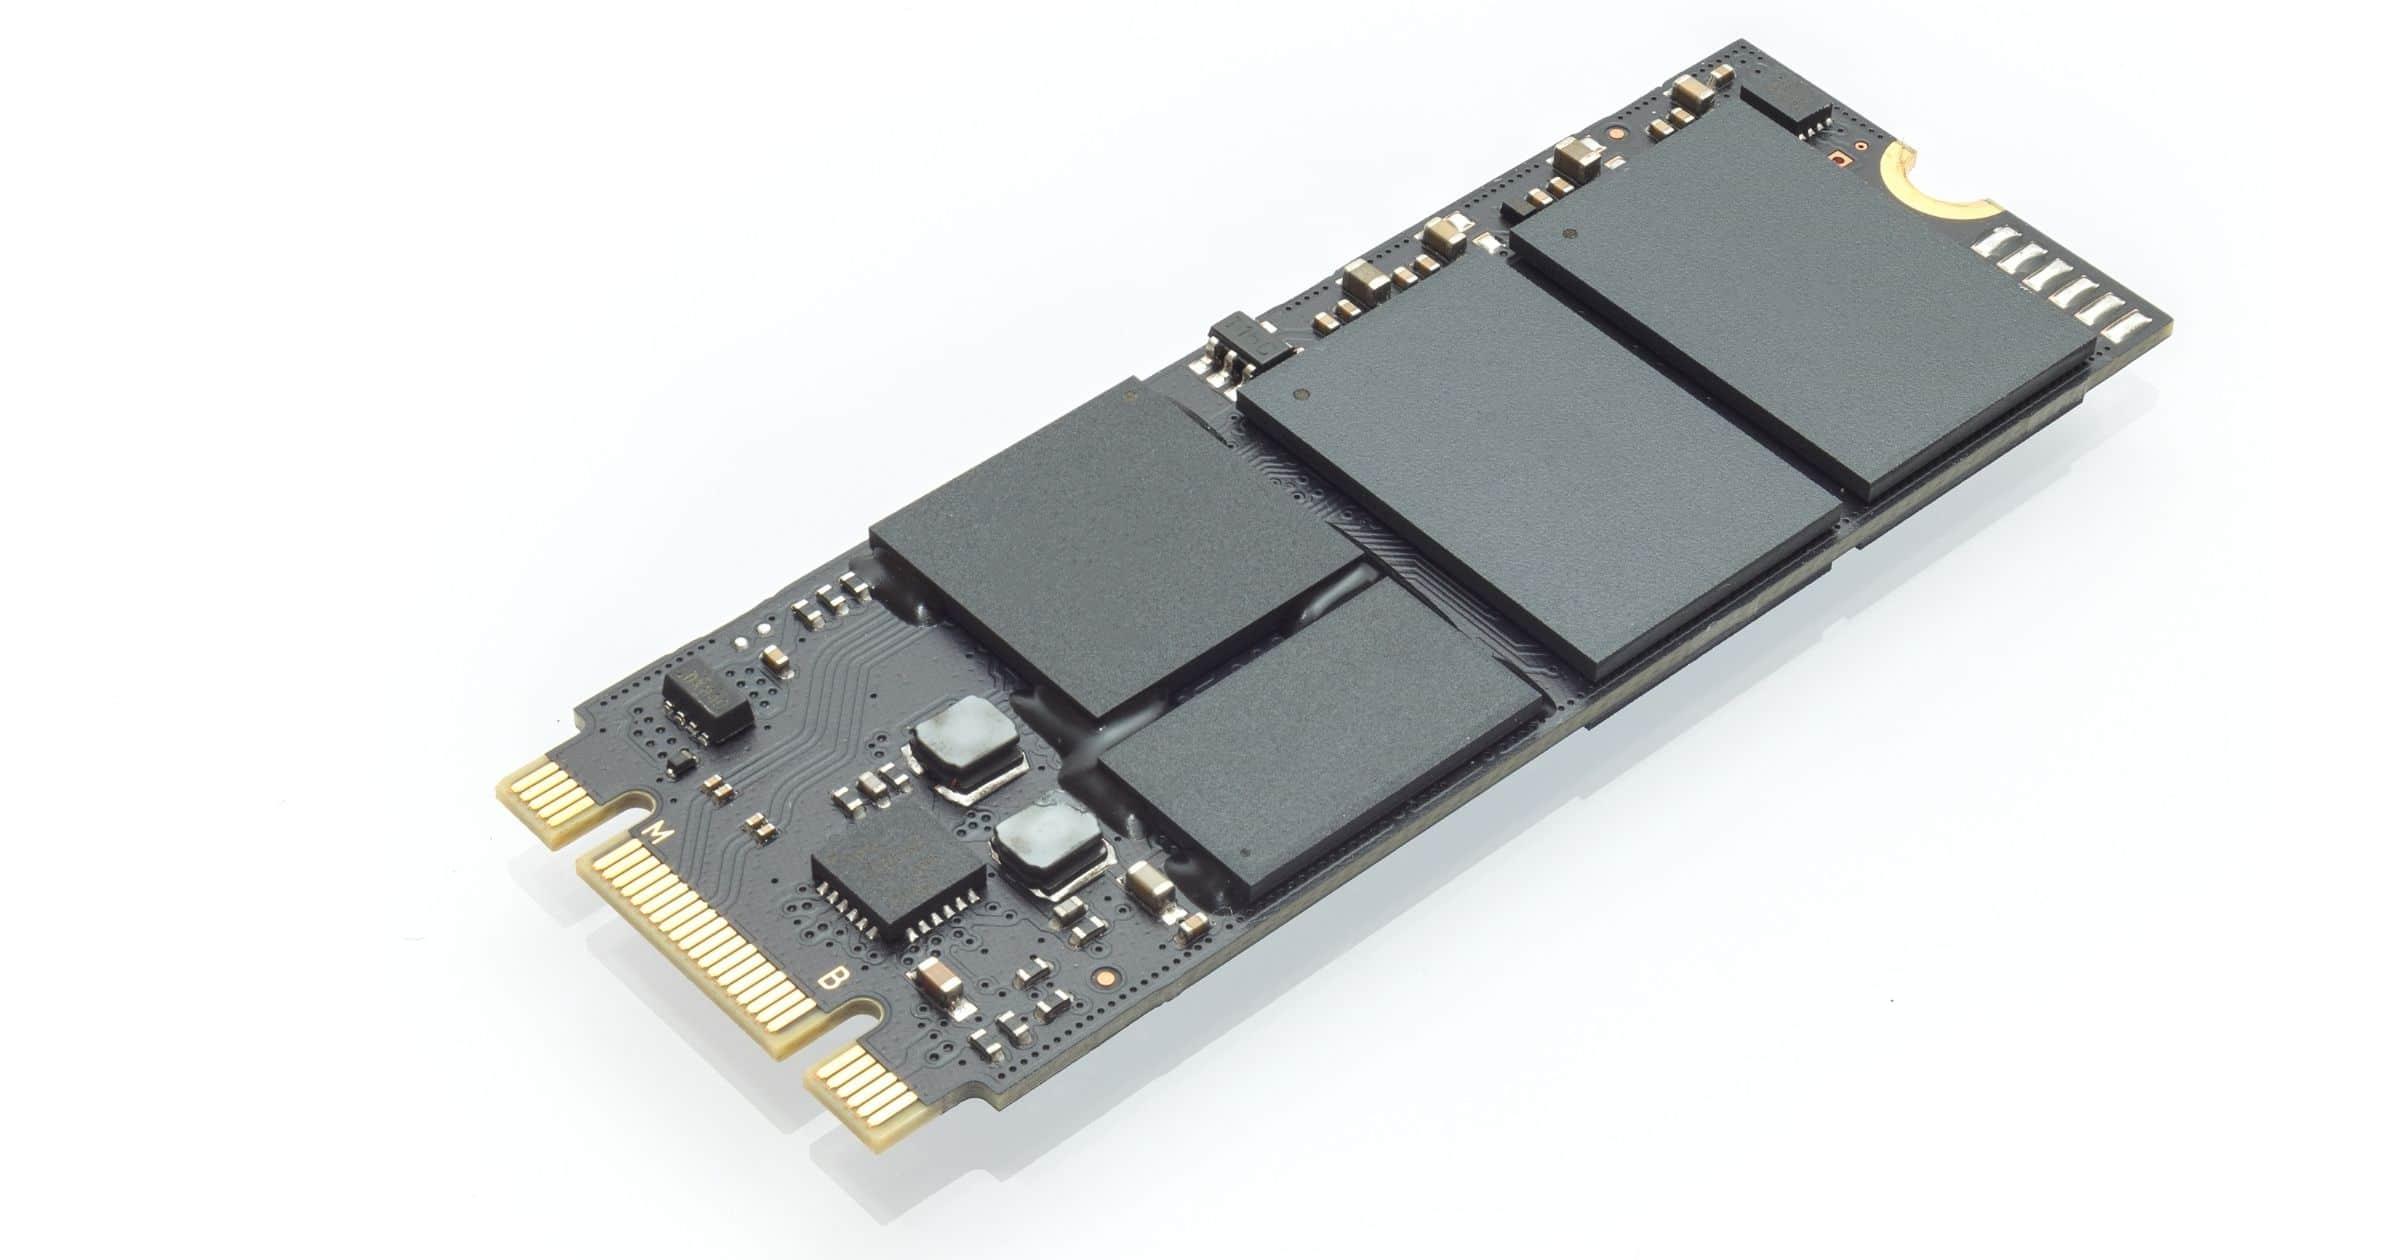 An SSD